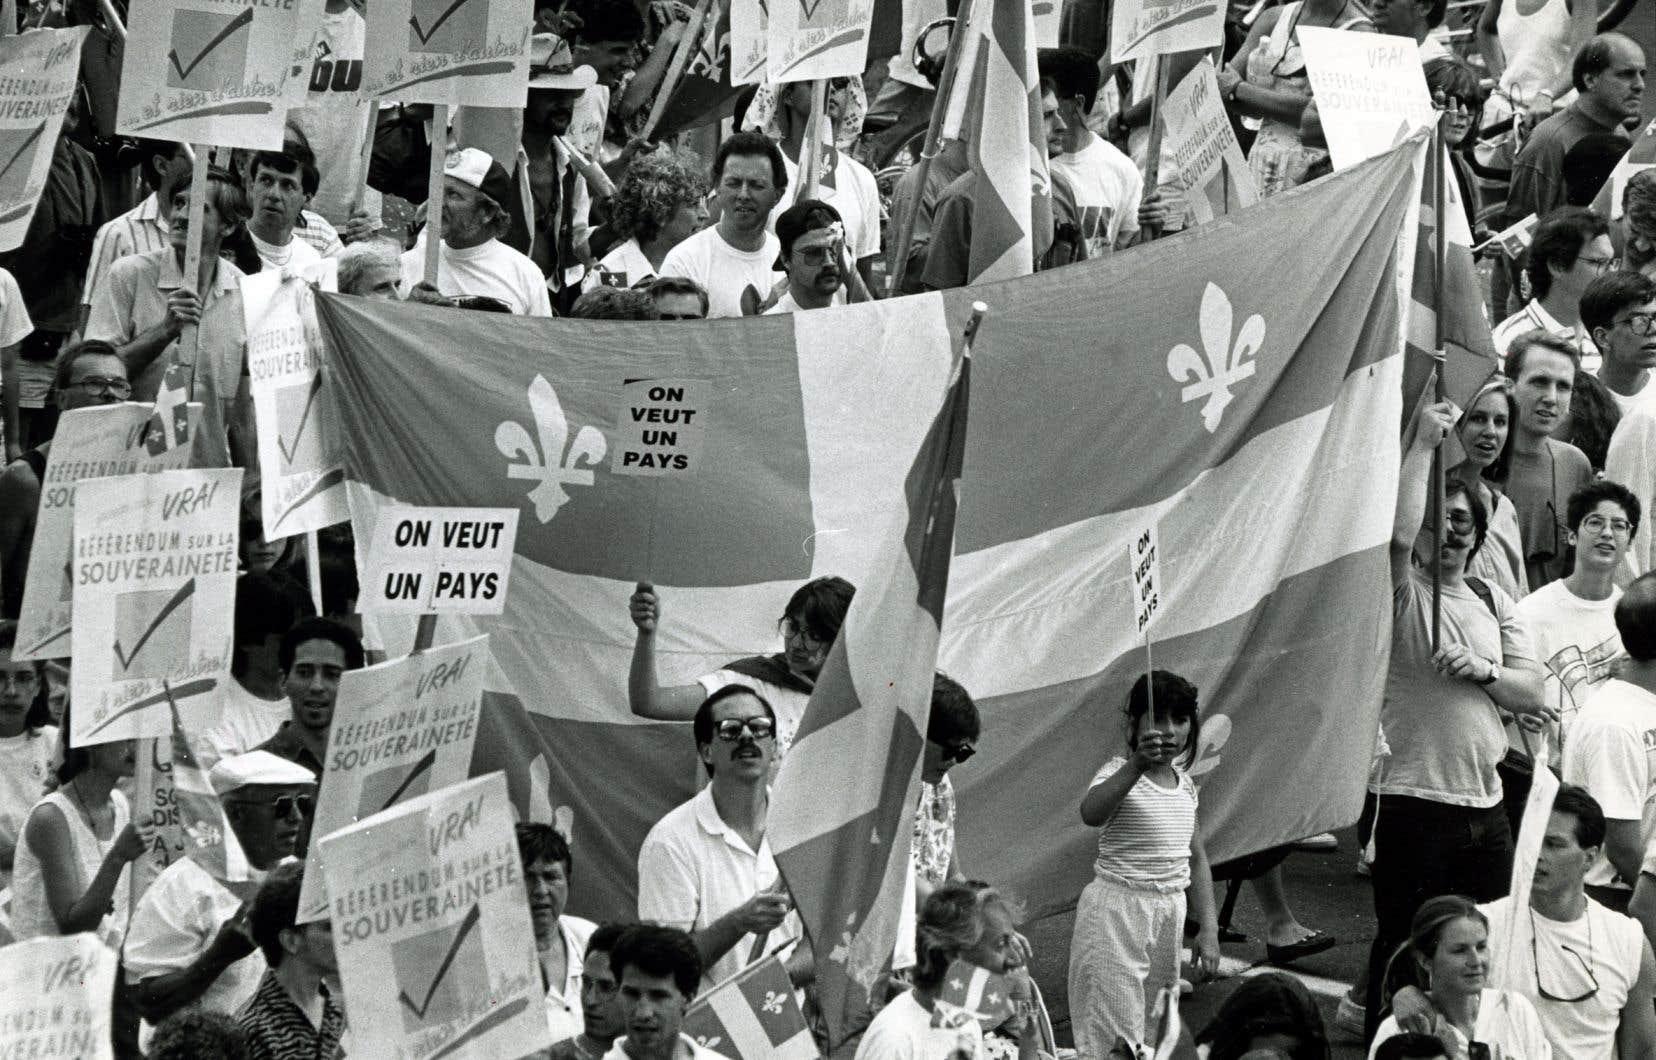 «L'indépendance ne signifie pas transférer le pouvoir à un État québécois piloté par des gens d'affaires francophones, mais de mettre en place de nouvelles institutions au service de la souveraineté populaire», estime l'auteur.